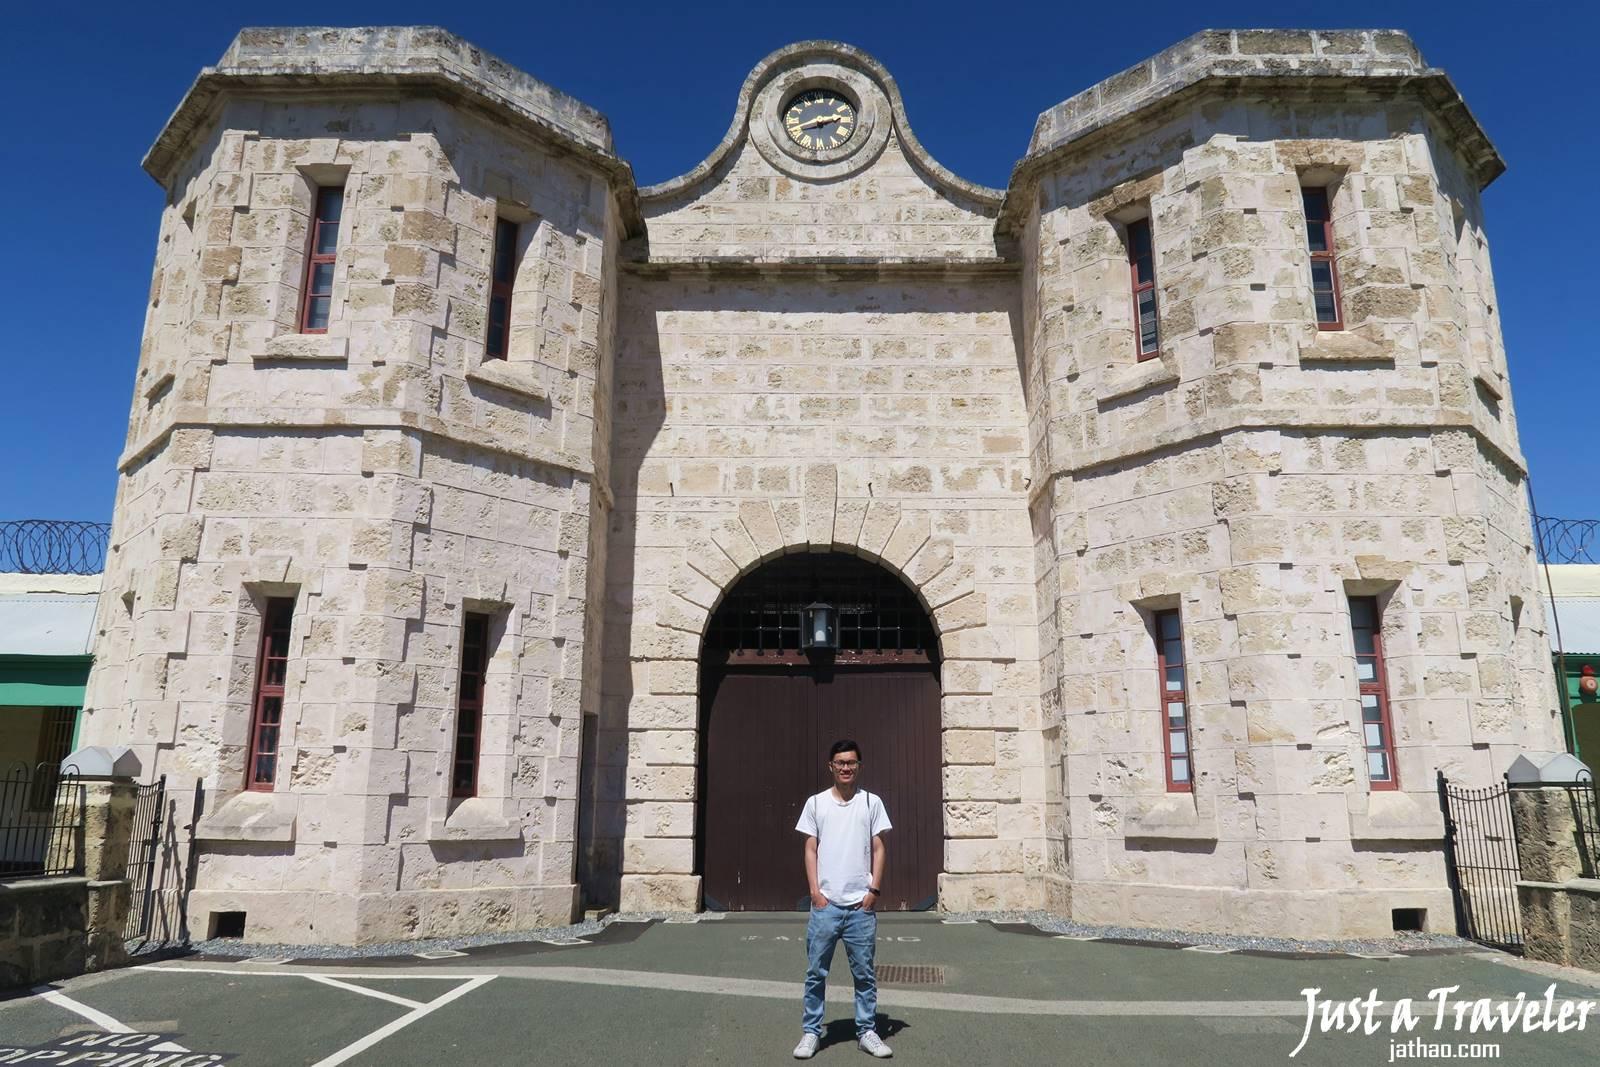 伯斯-推薦-景點-費里曼圖-Fremantle-費利曼圖監獄-Fremantle-Prison-自由行-交通-必去-必玩-美食-旅遊-行程-一日遊-遊記